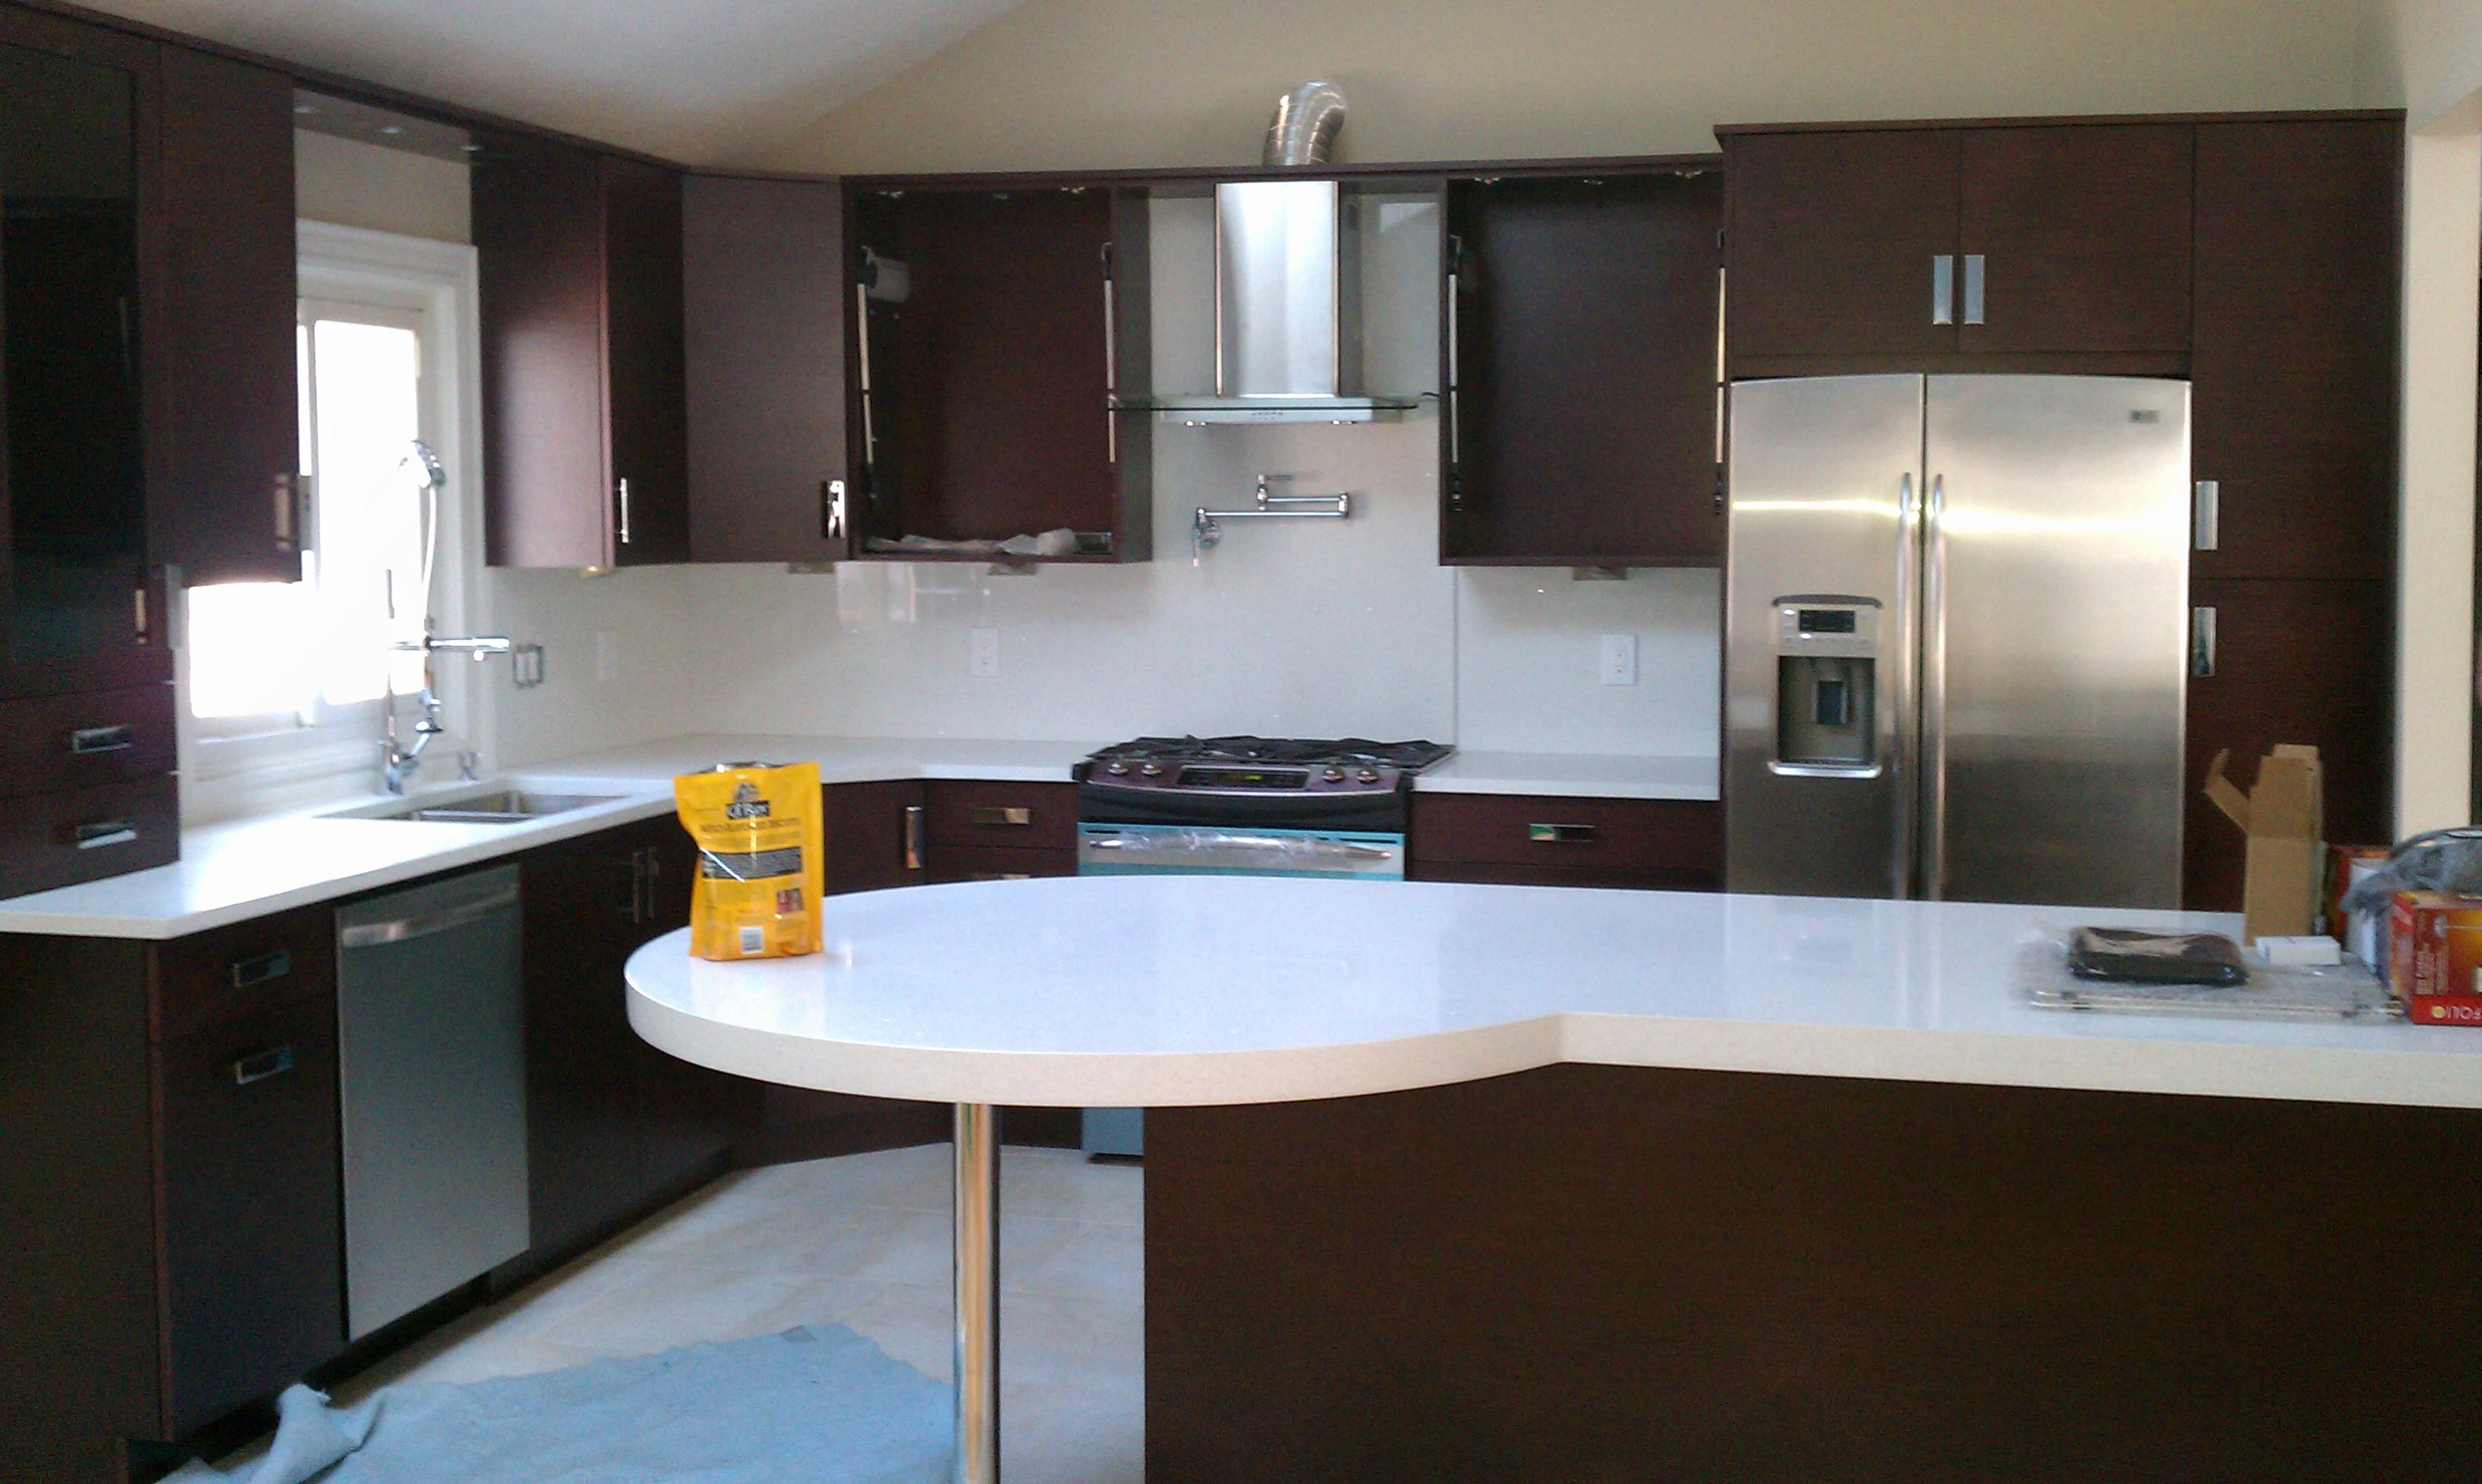 Kitchen Appliances Installed